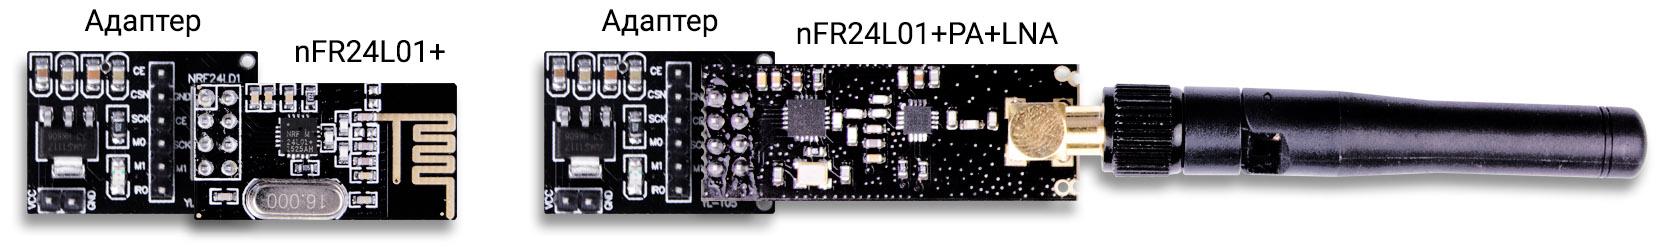 Подключение nRF24L01 к адаптеру